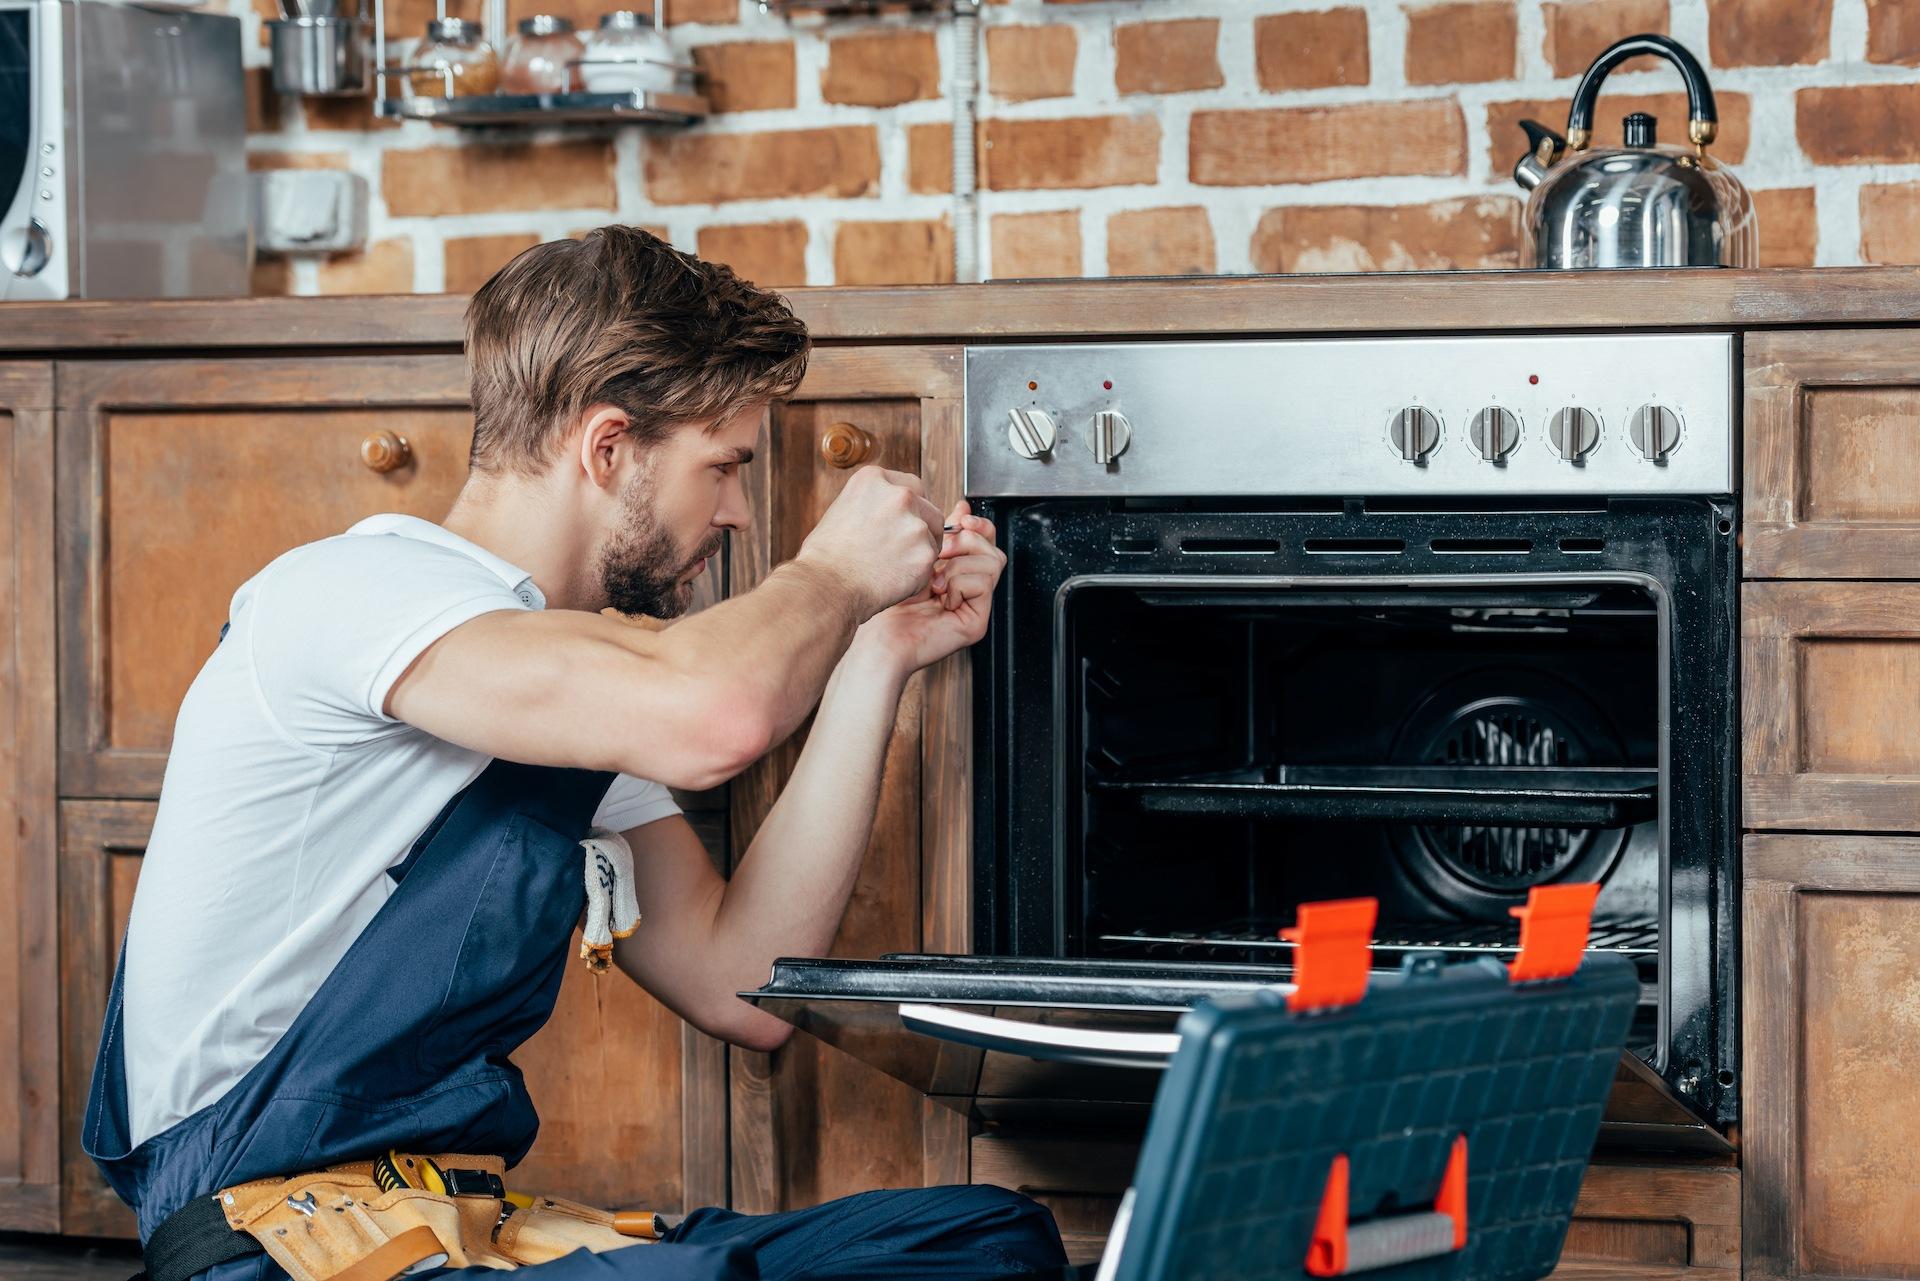 repair man works on range oven